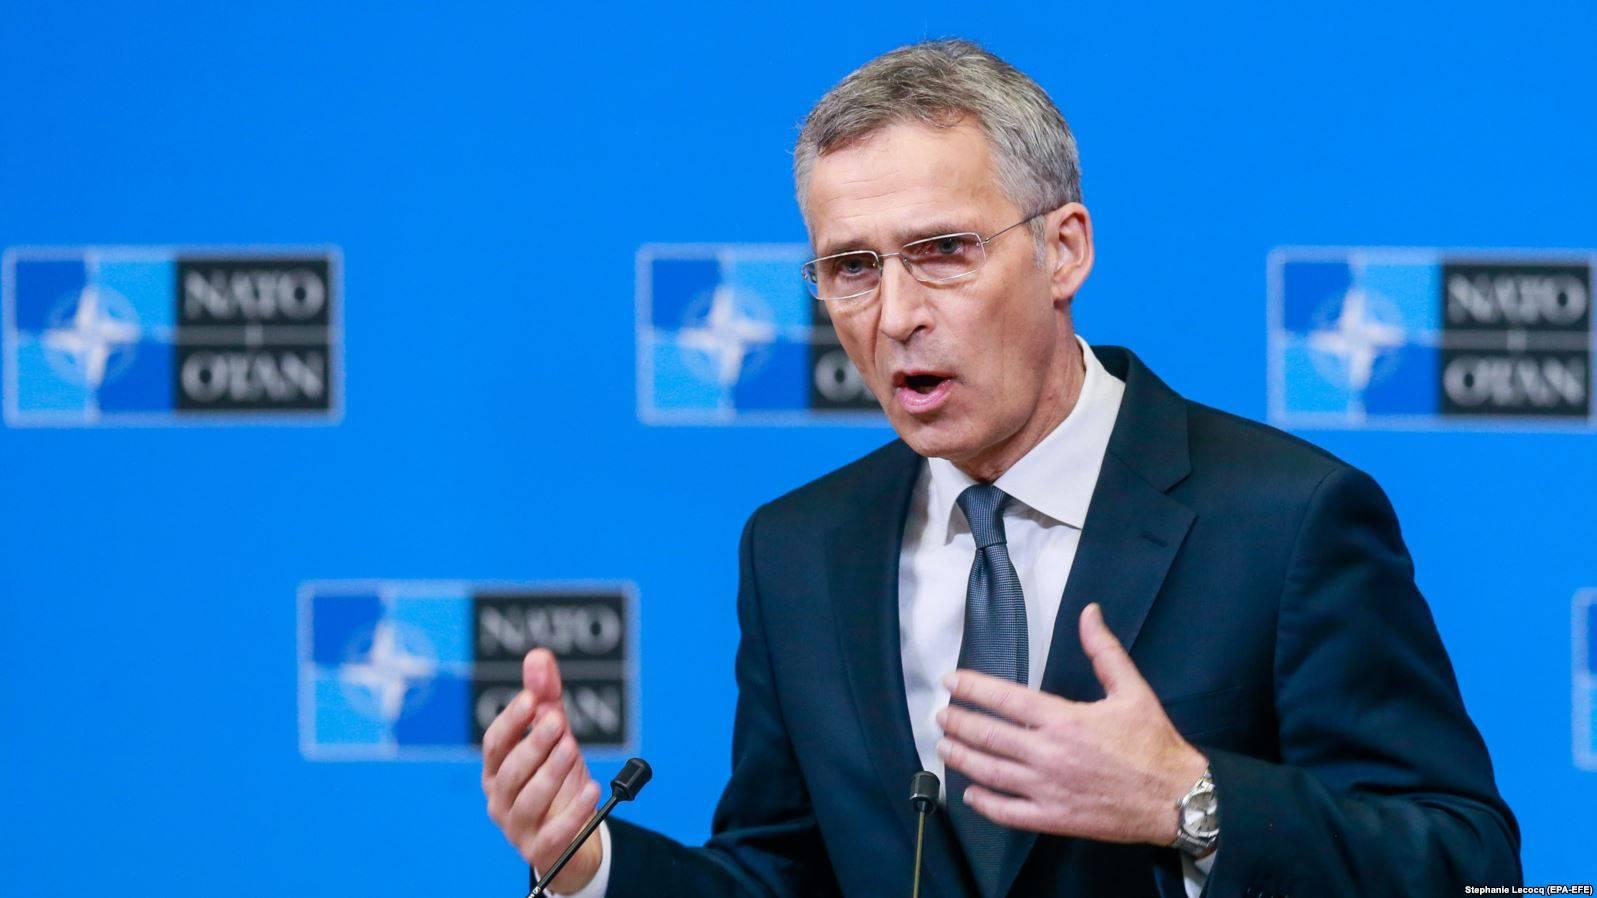 Stotlenberg  KFOR i nuk do të largohet nga Kosova